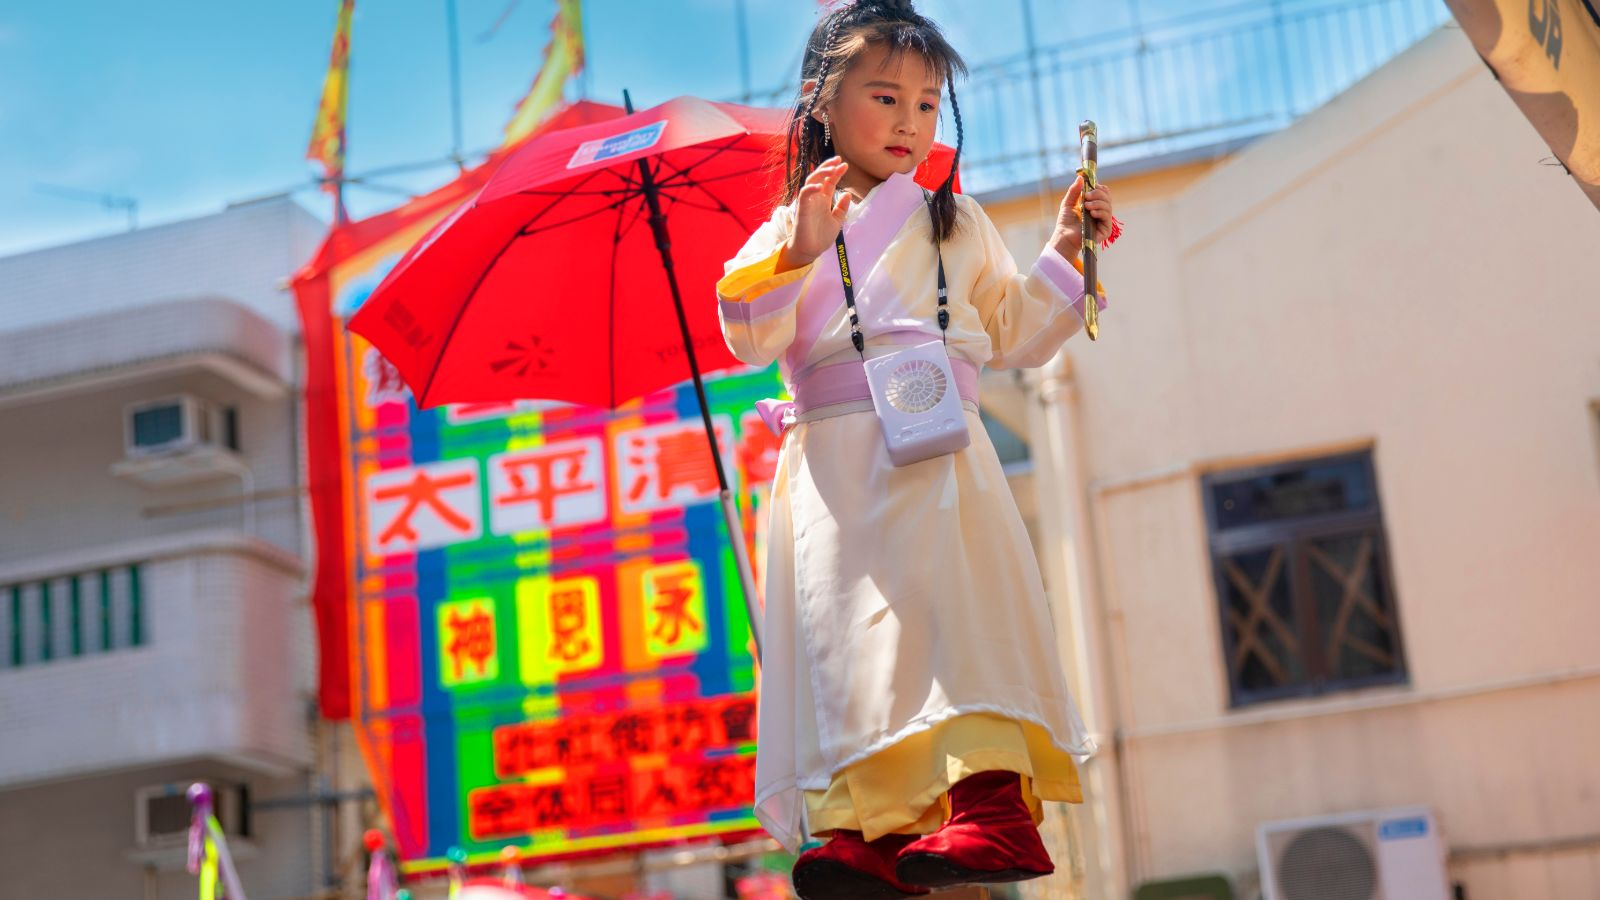 太平清醮飄色巡遊 (5月19日)